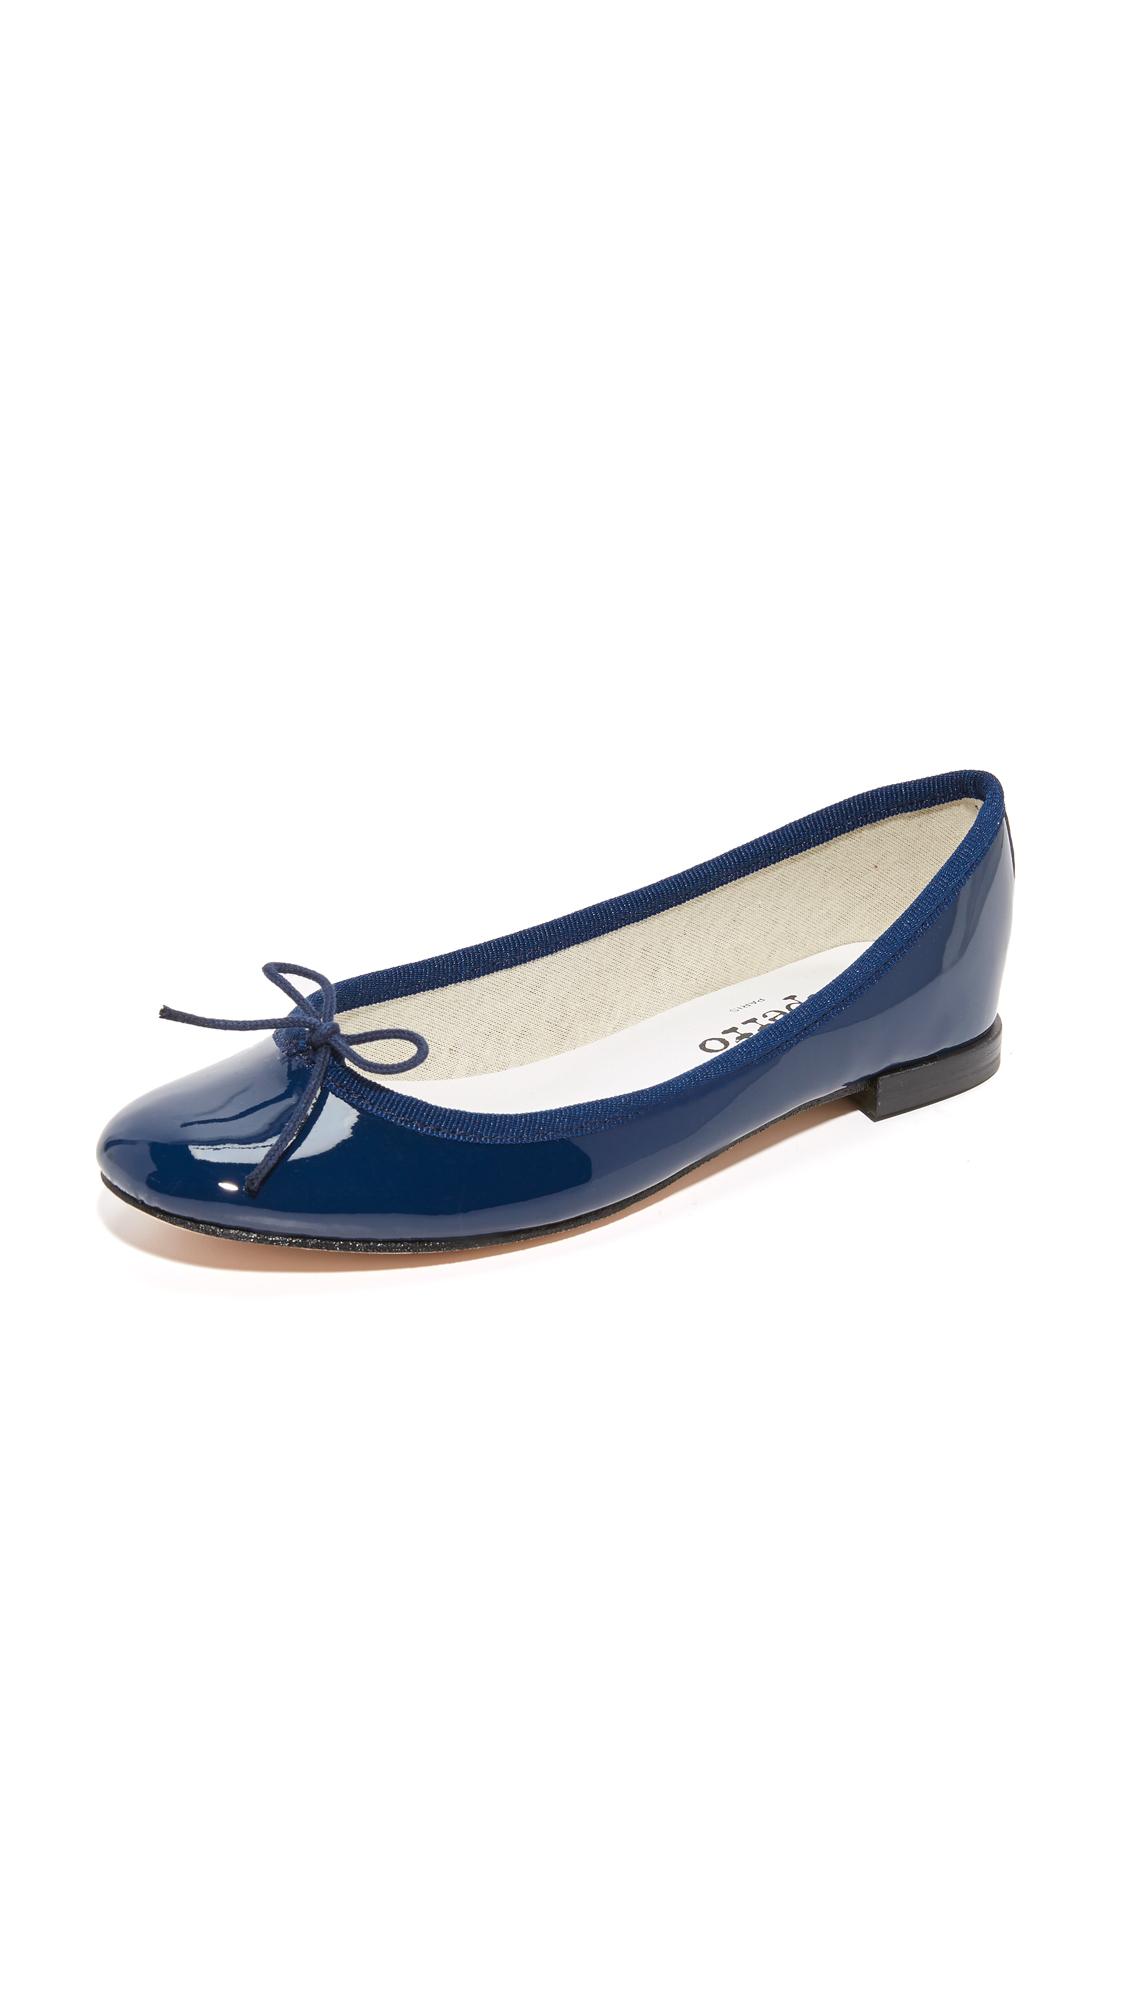 Repetto Cendrillon Ballet Flats - Classique